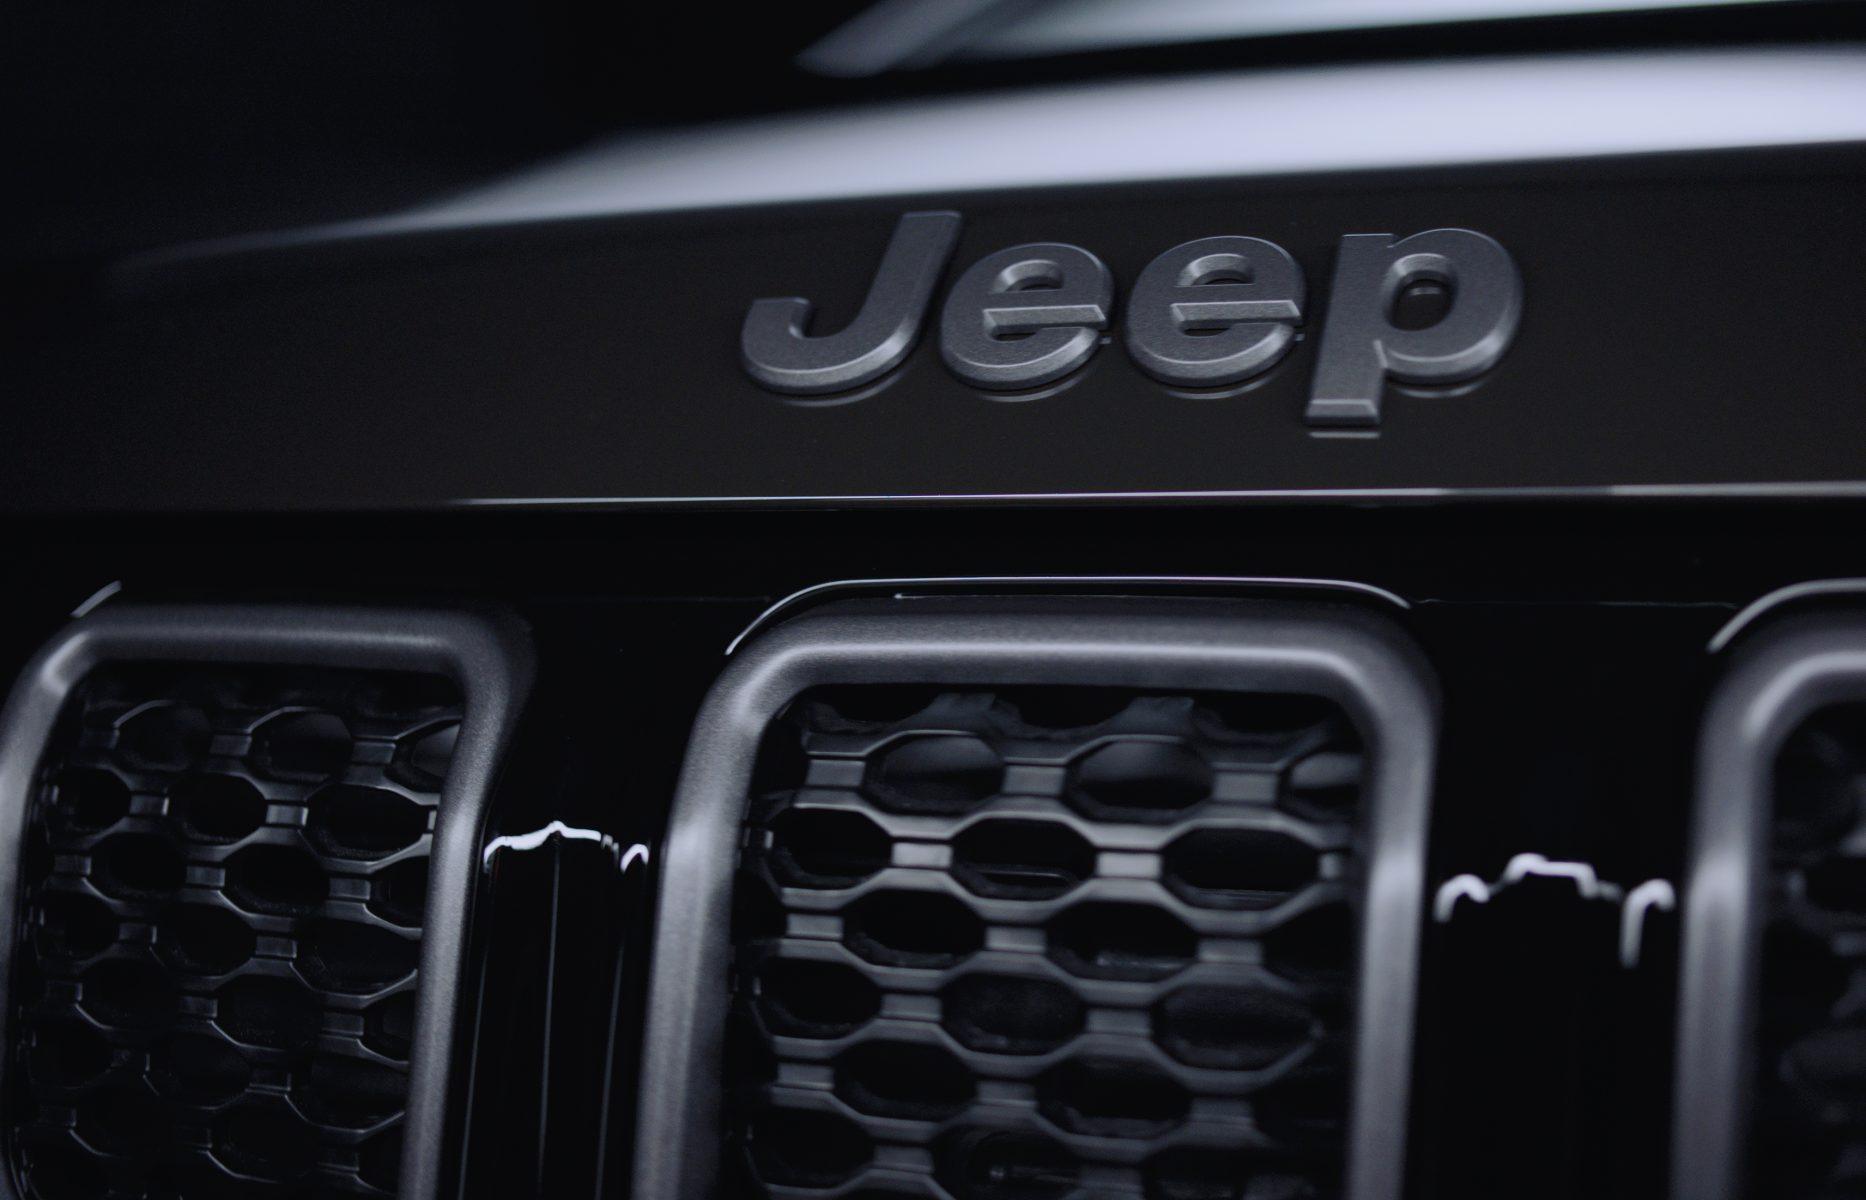 detalhe da grade do novo jeep compass serie especical 80 anos